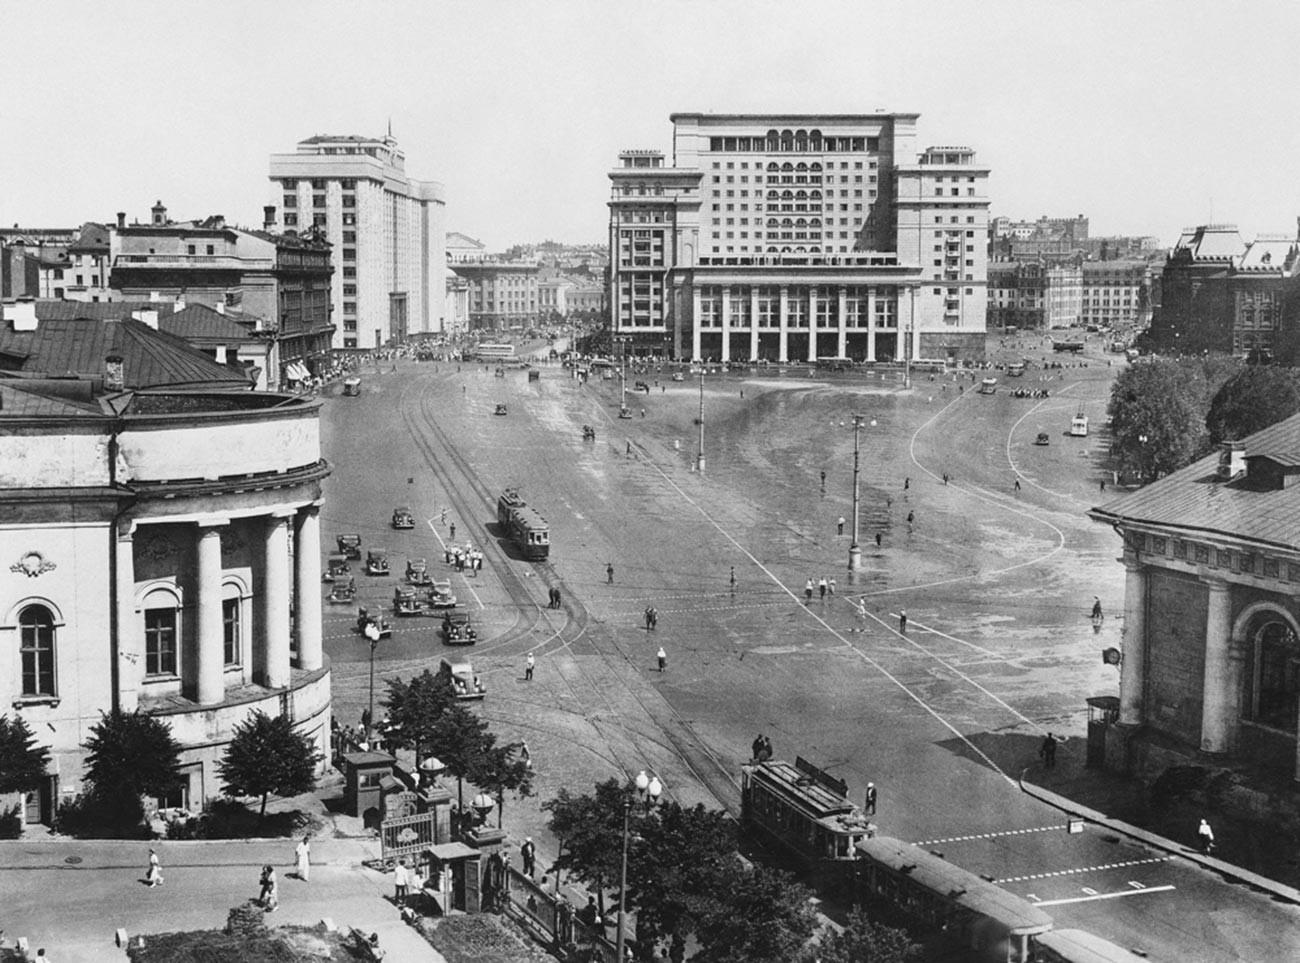 Praça Manezhnaya. Vista do Hotel Moskva. Década de 1930